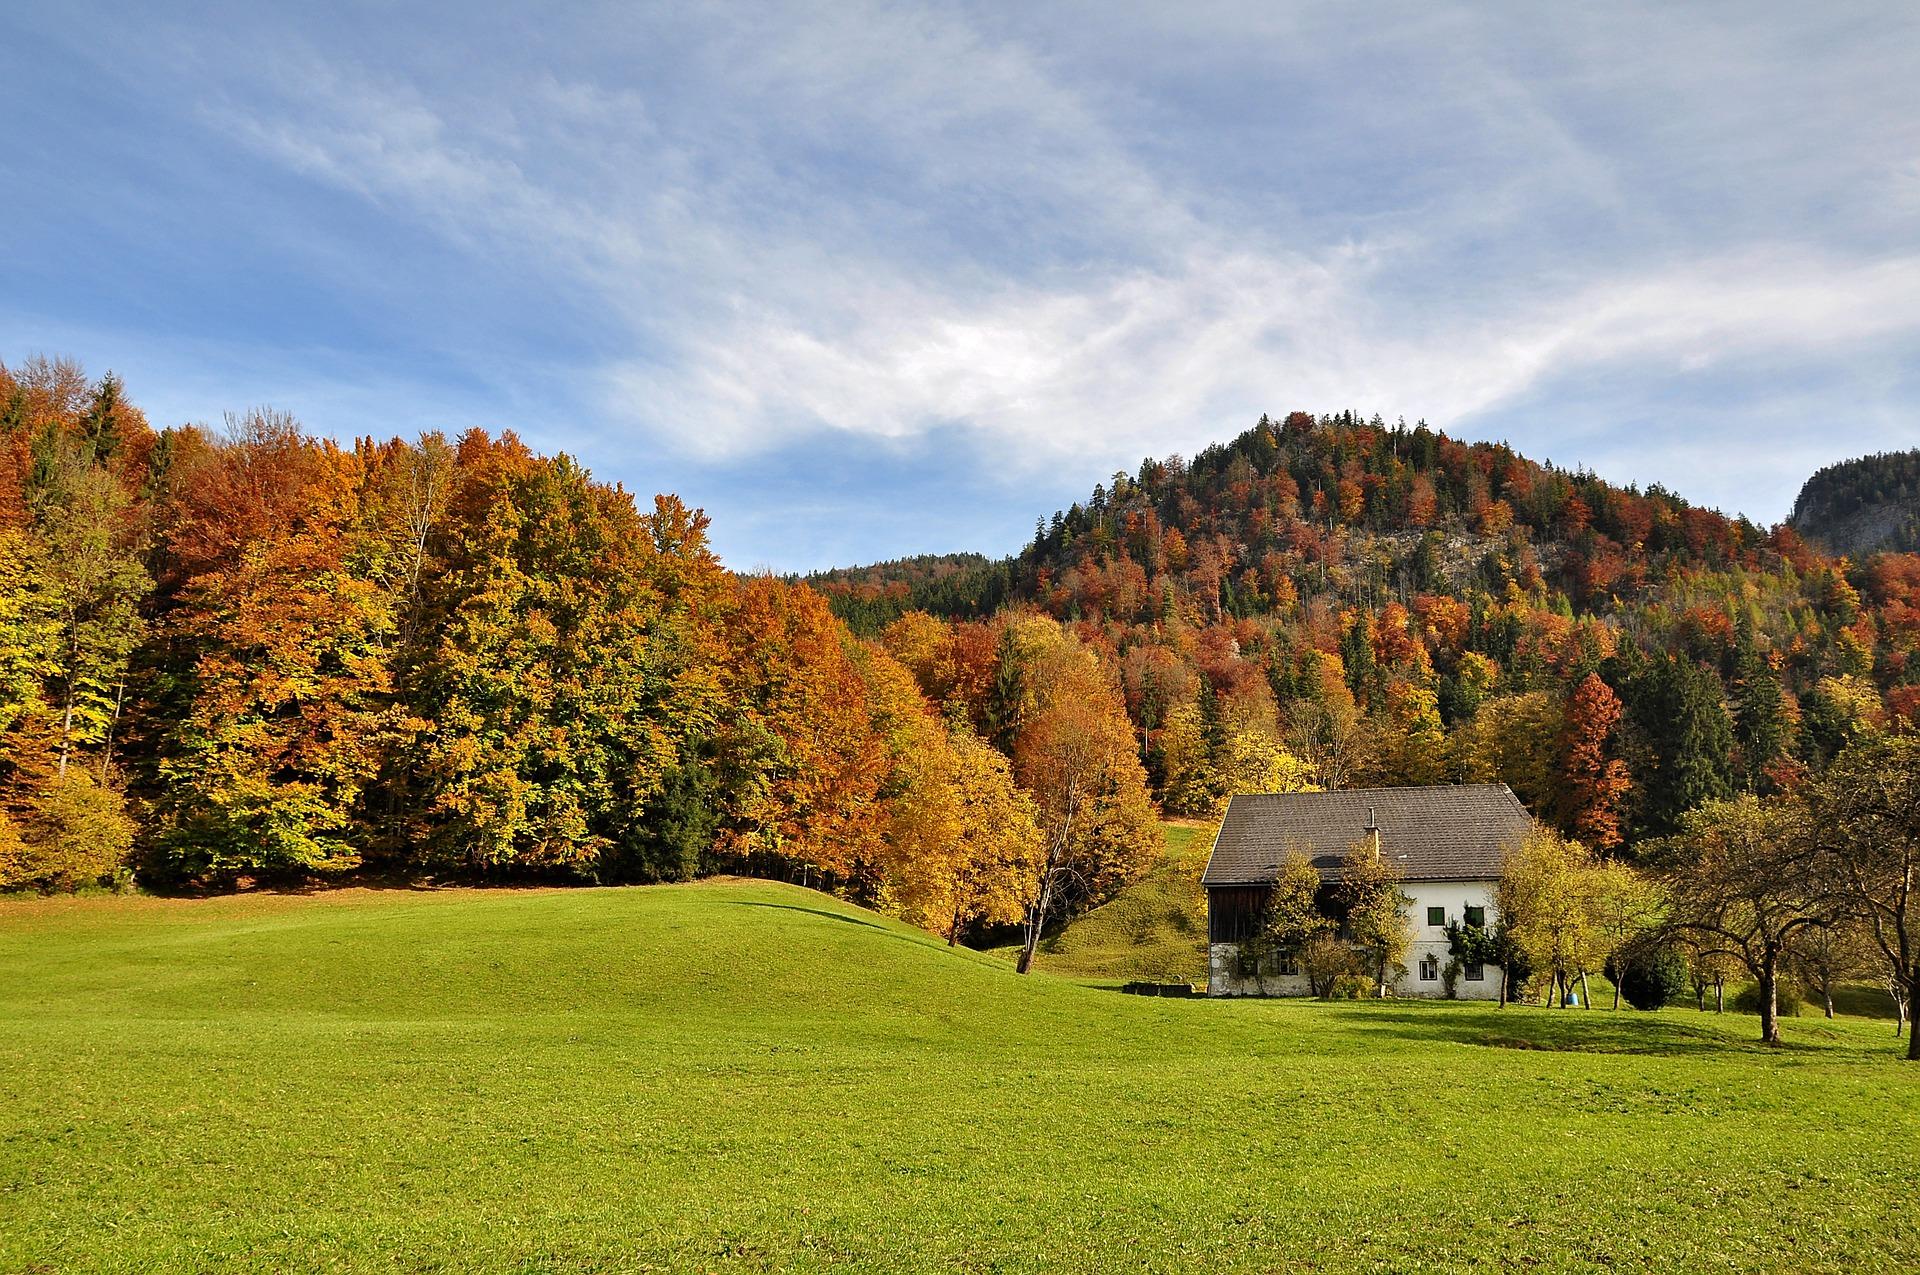 autumn-2888510_1920